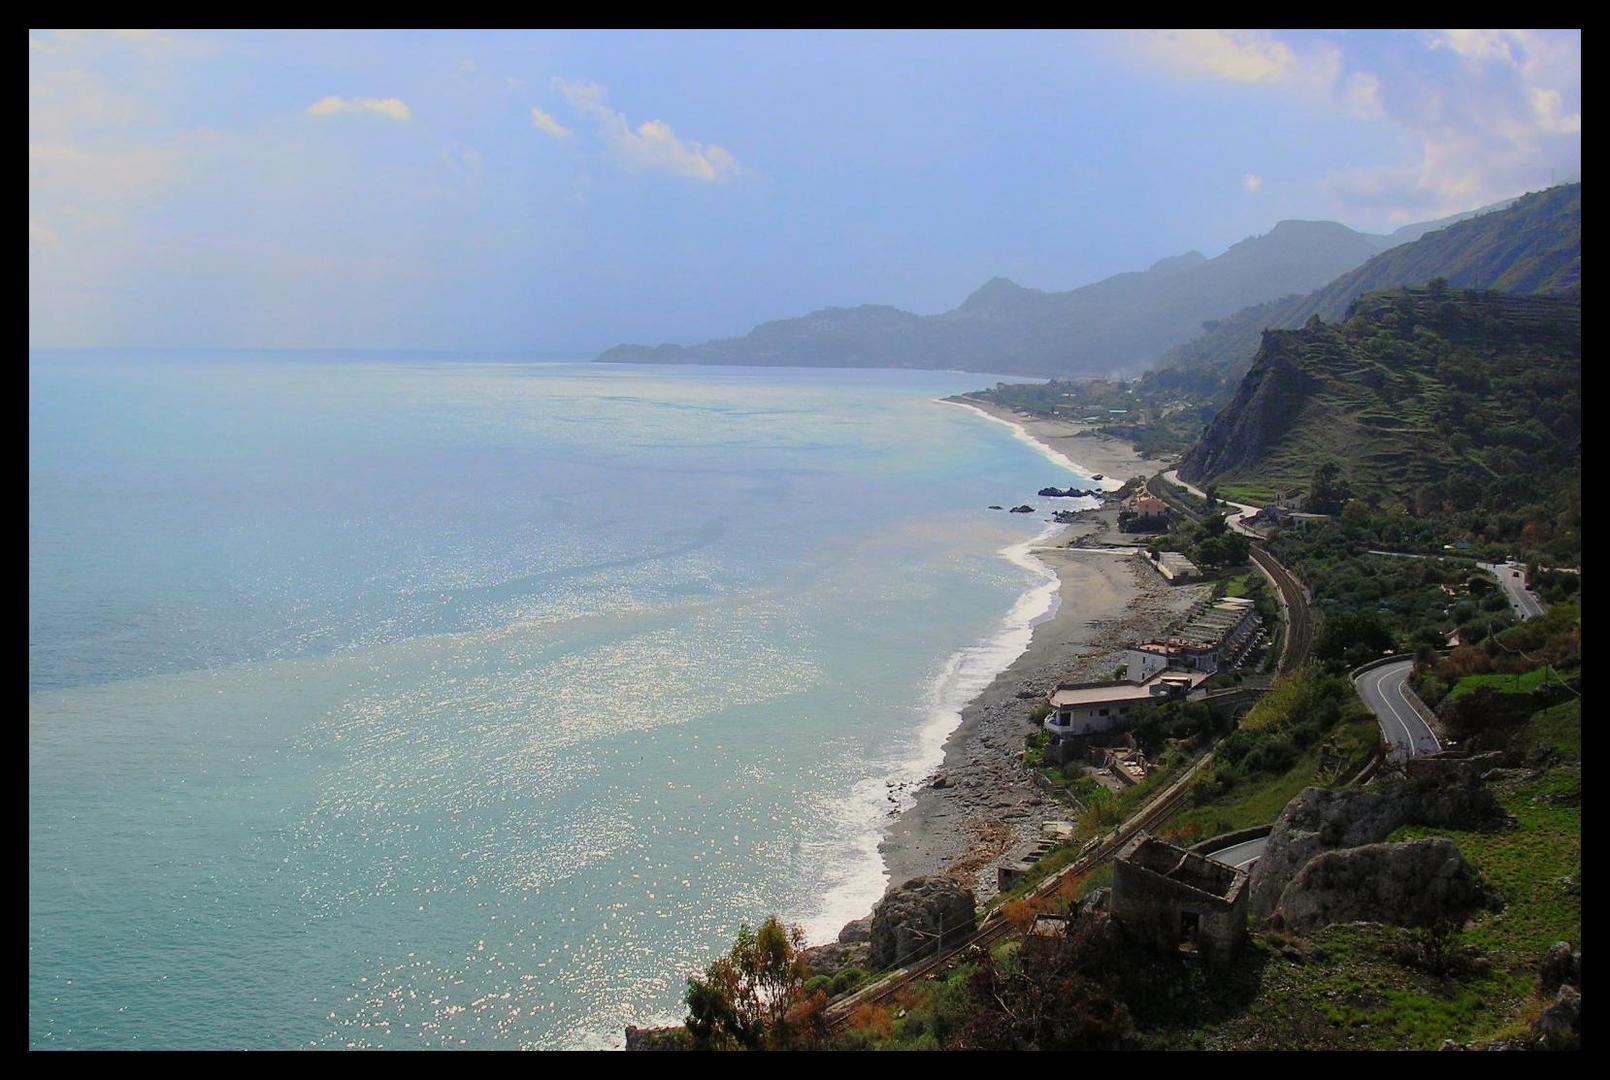 la costa ionica